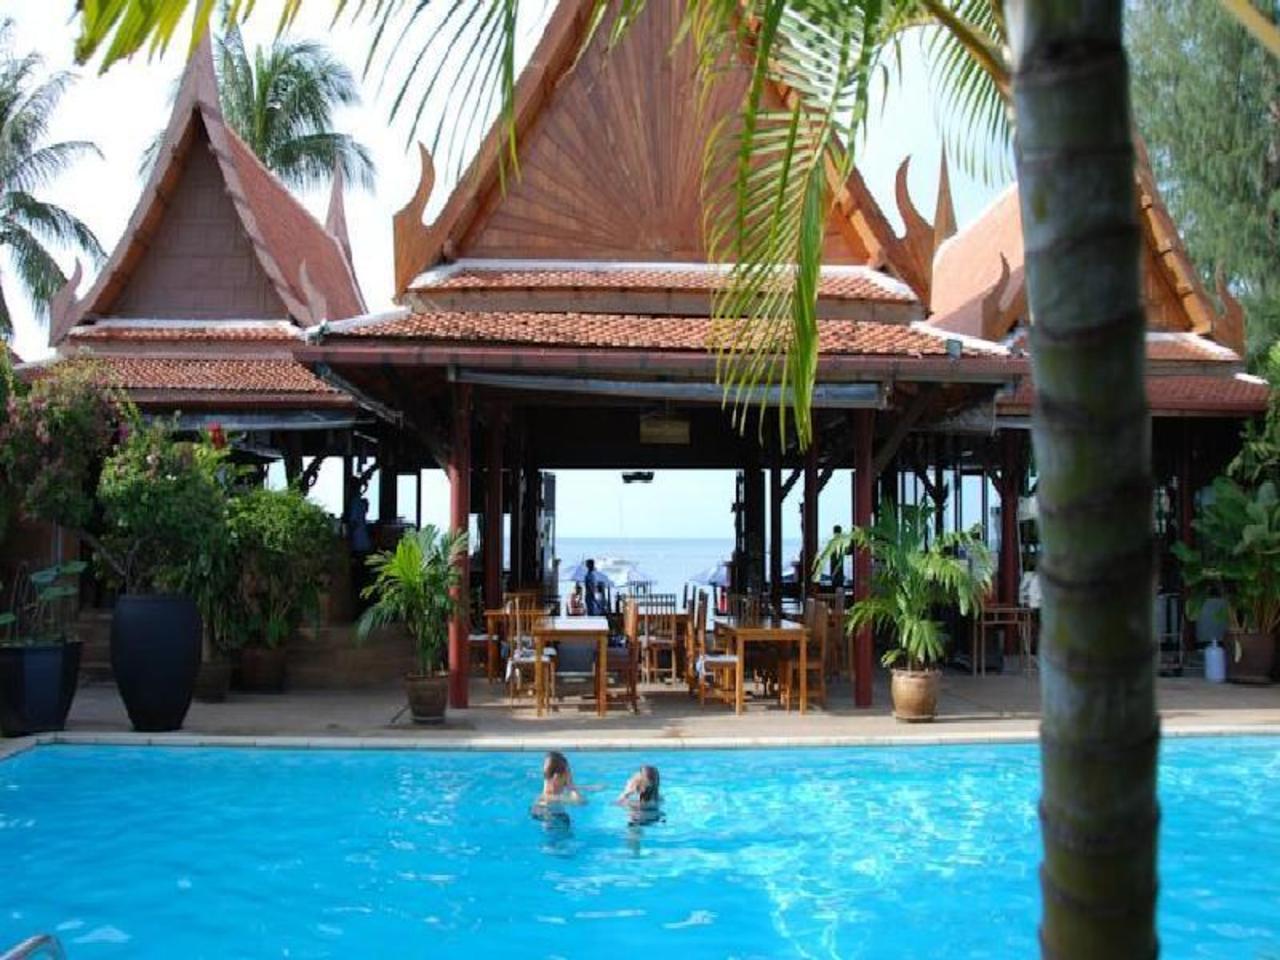 ไวท์เฮาส์ บีช รีสอร์ท แอนด์ สปา (White House Beach Resort and Spa)